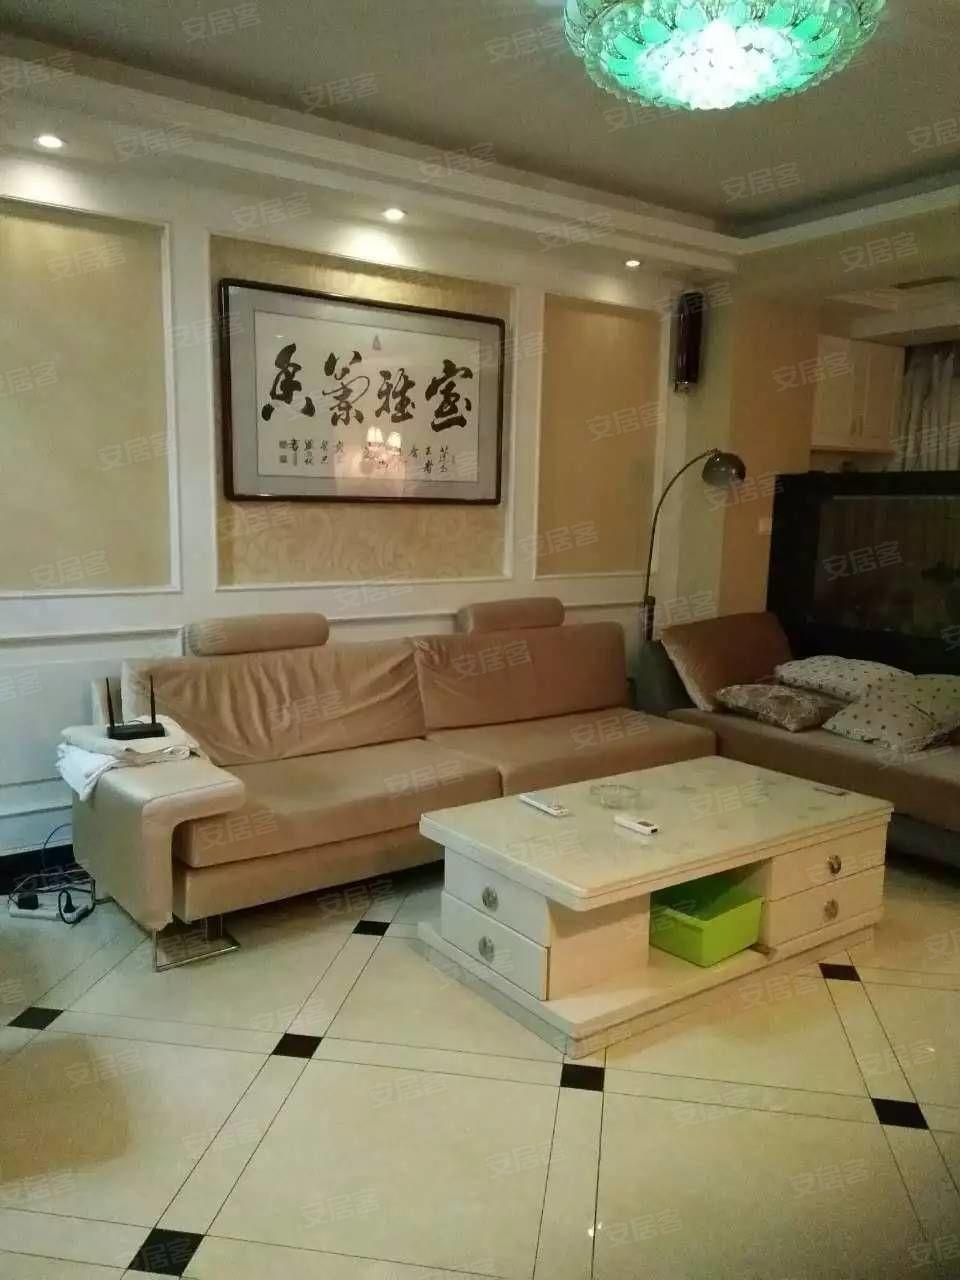 欧式 豪华 装修 效果图 客厅90平方两房一厅